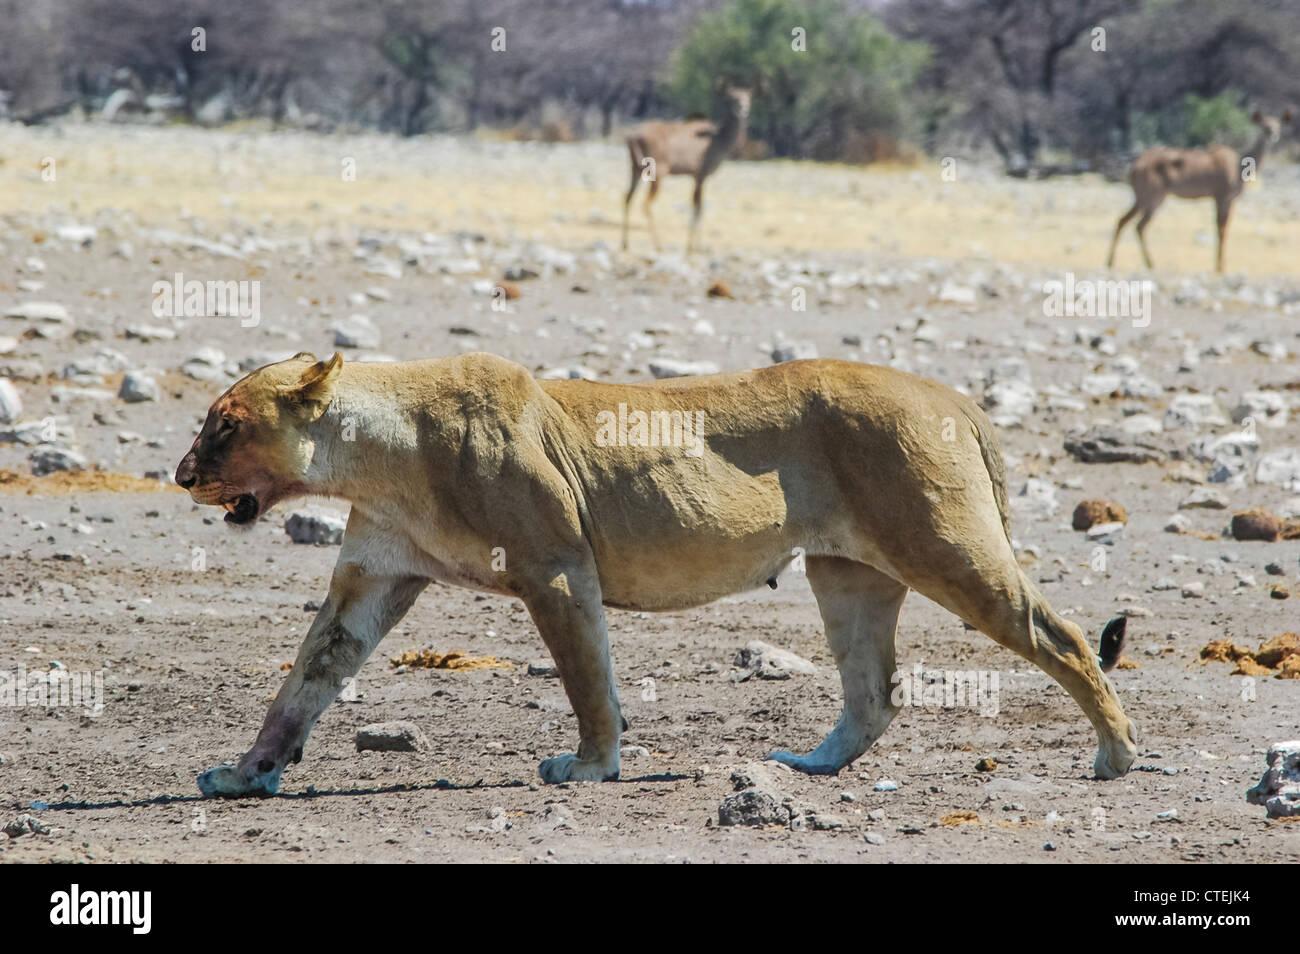 Lioness (Panthera leo) in the Etosha National Park, Namibia Stock Photo